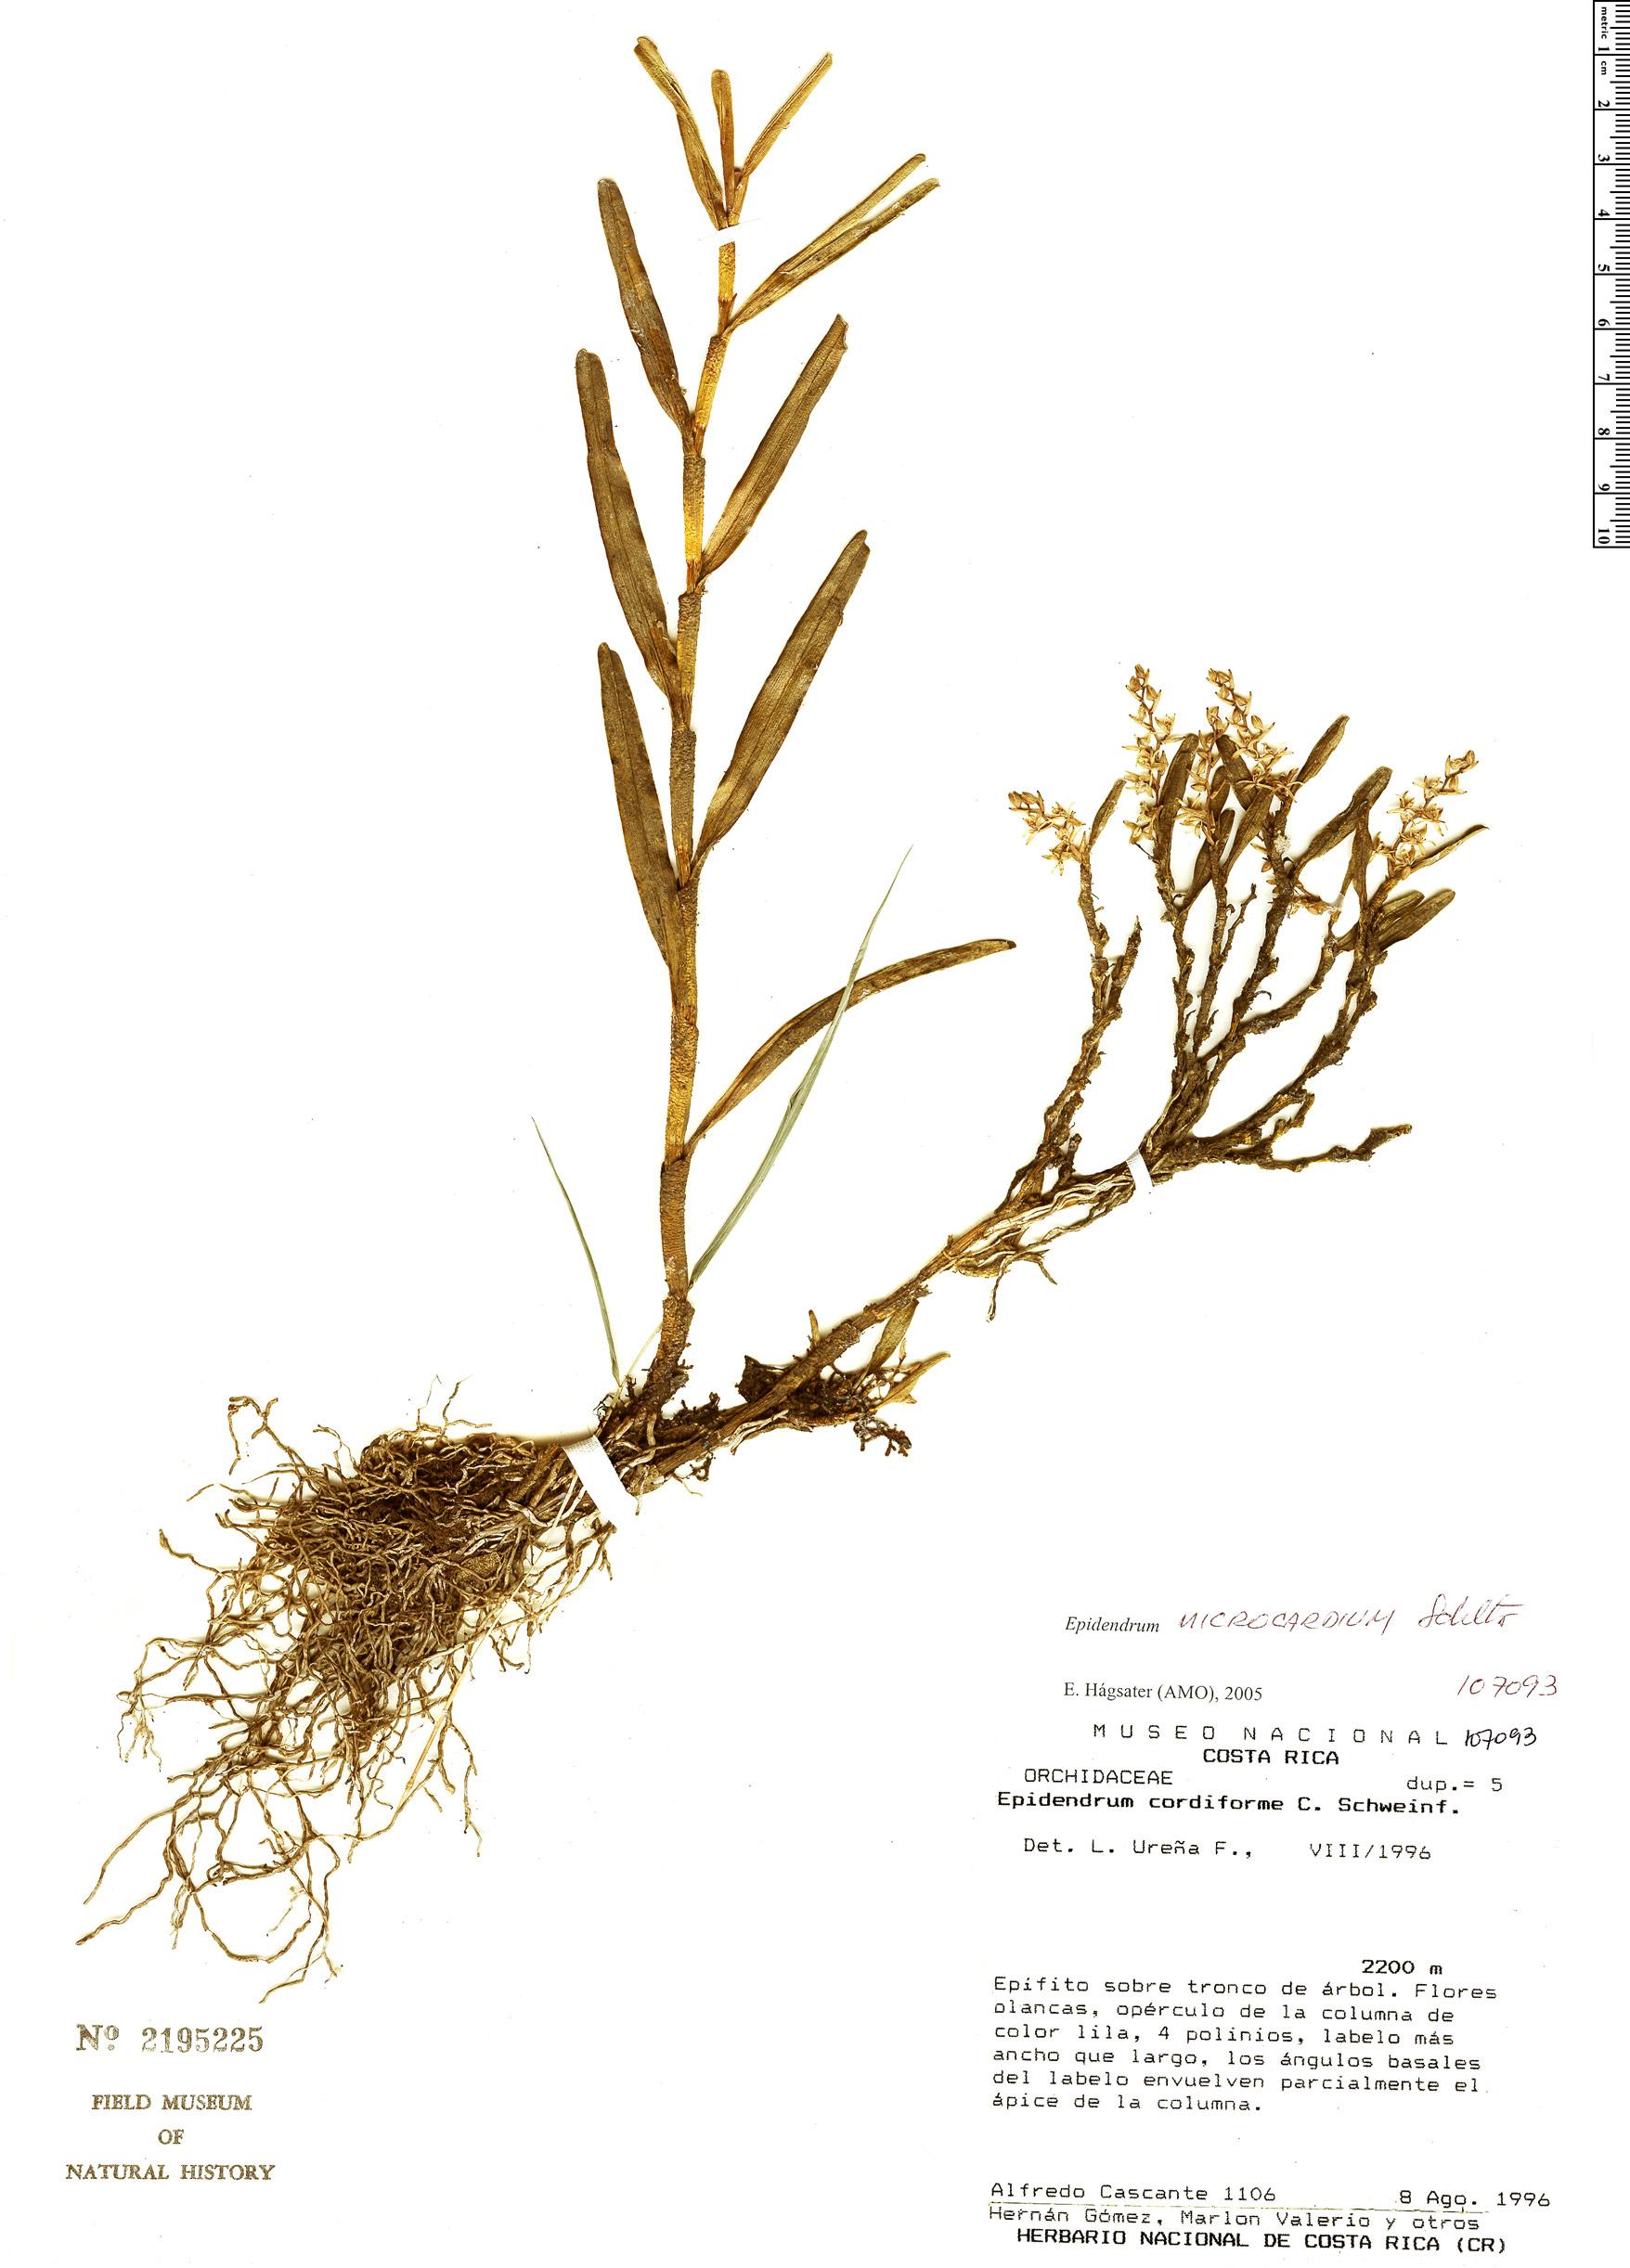 Specimen: Epidendrum microcardium